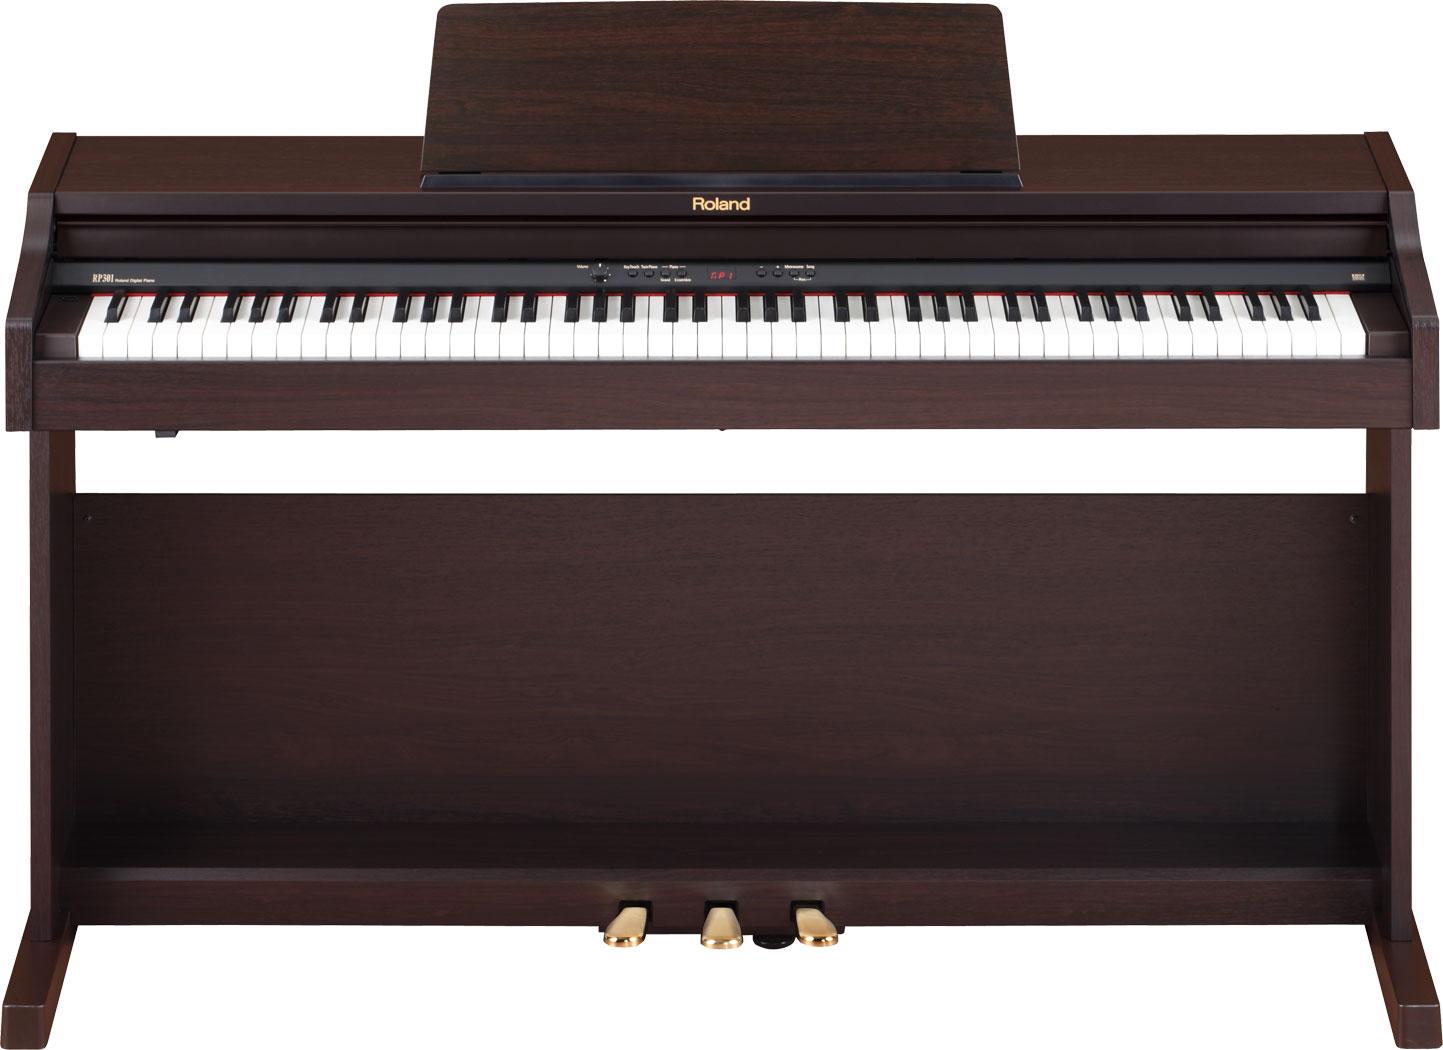 piano dien roland rp-301